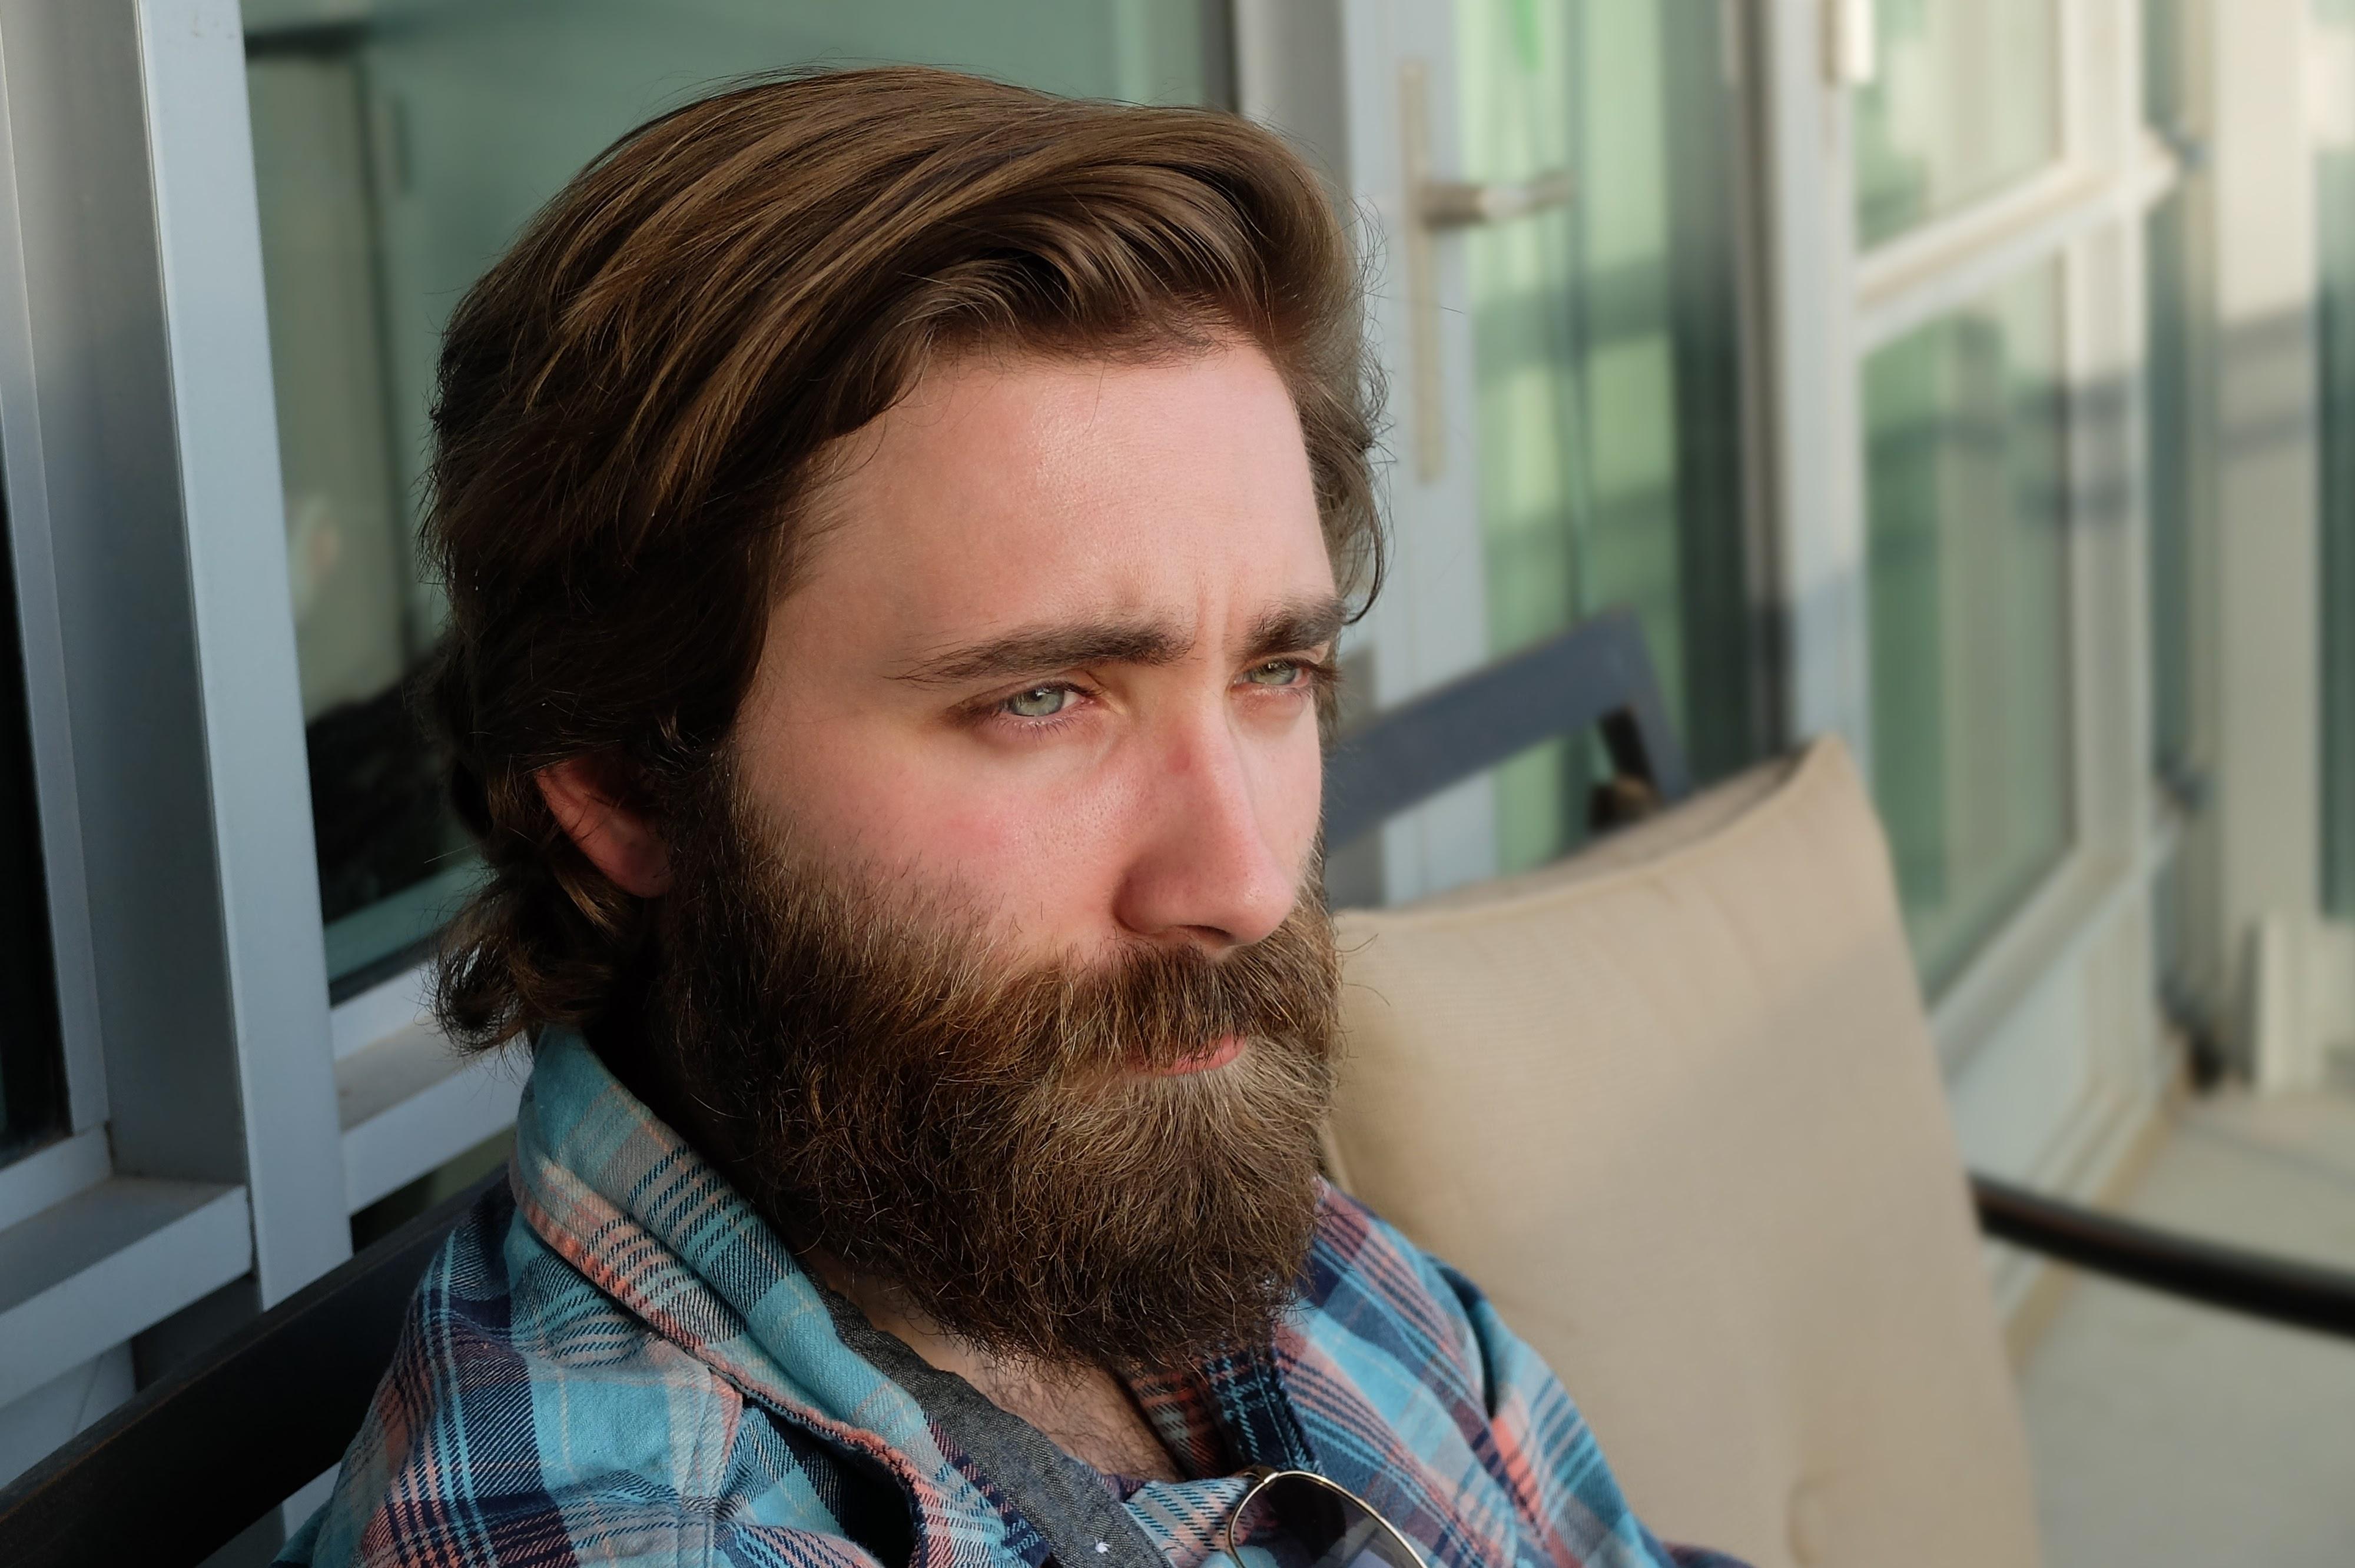 1678eef963d4 man person hair male portrait hairstyle beard conversation face glasses  head facial hair